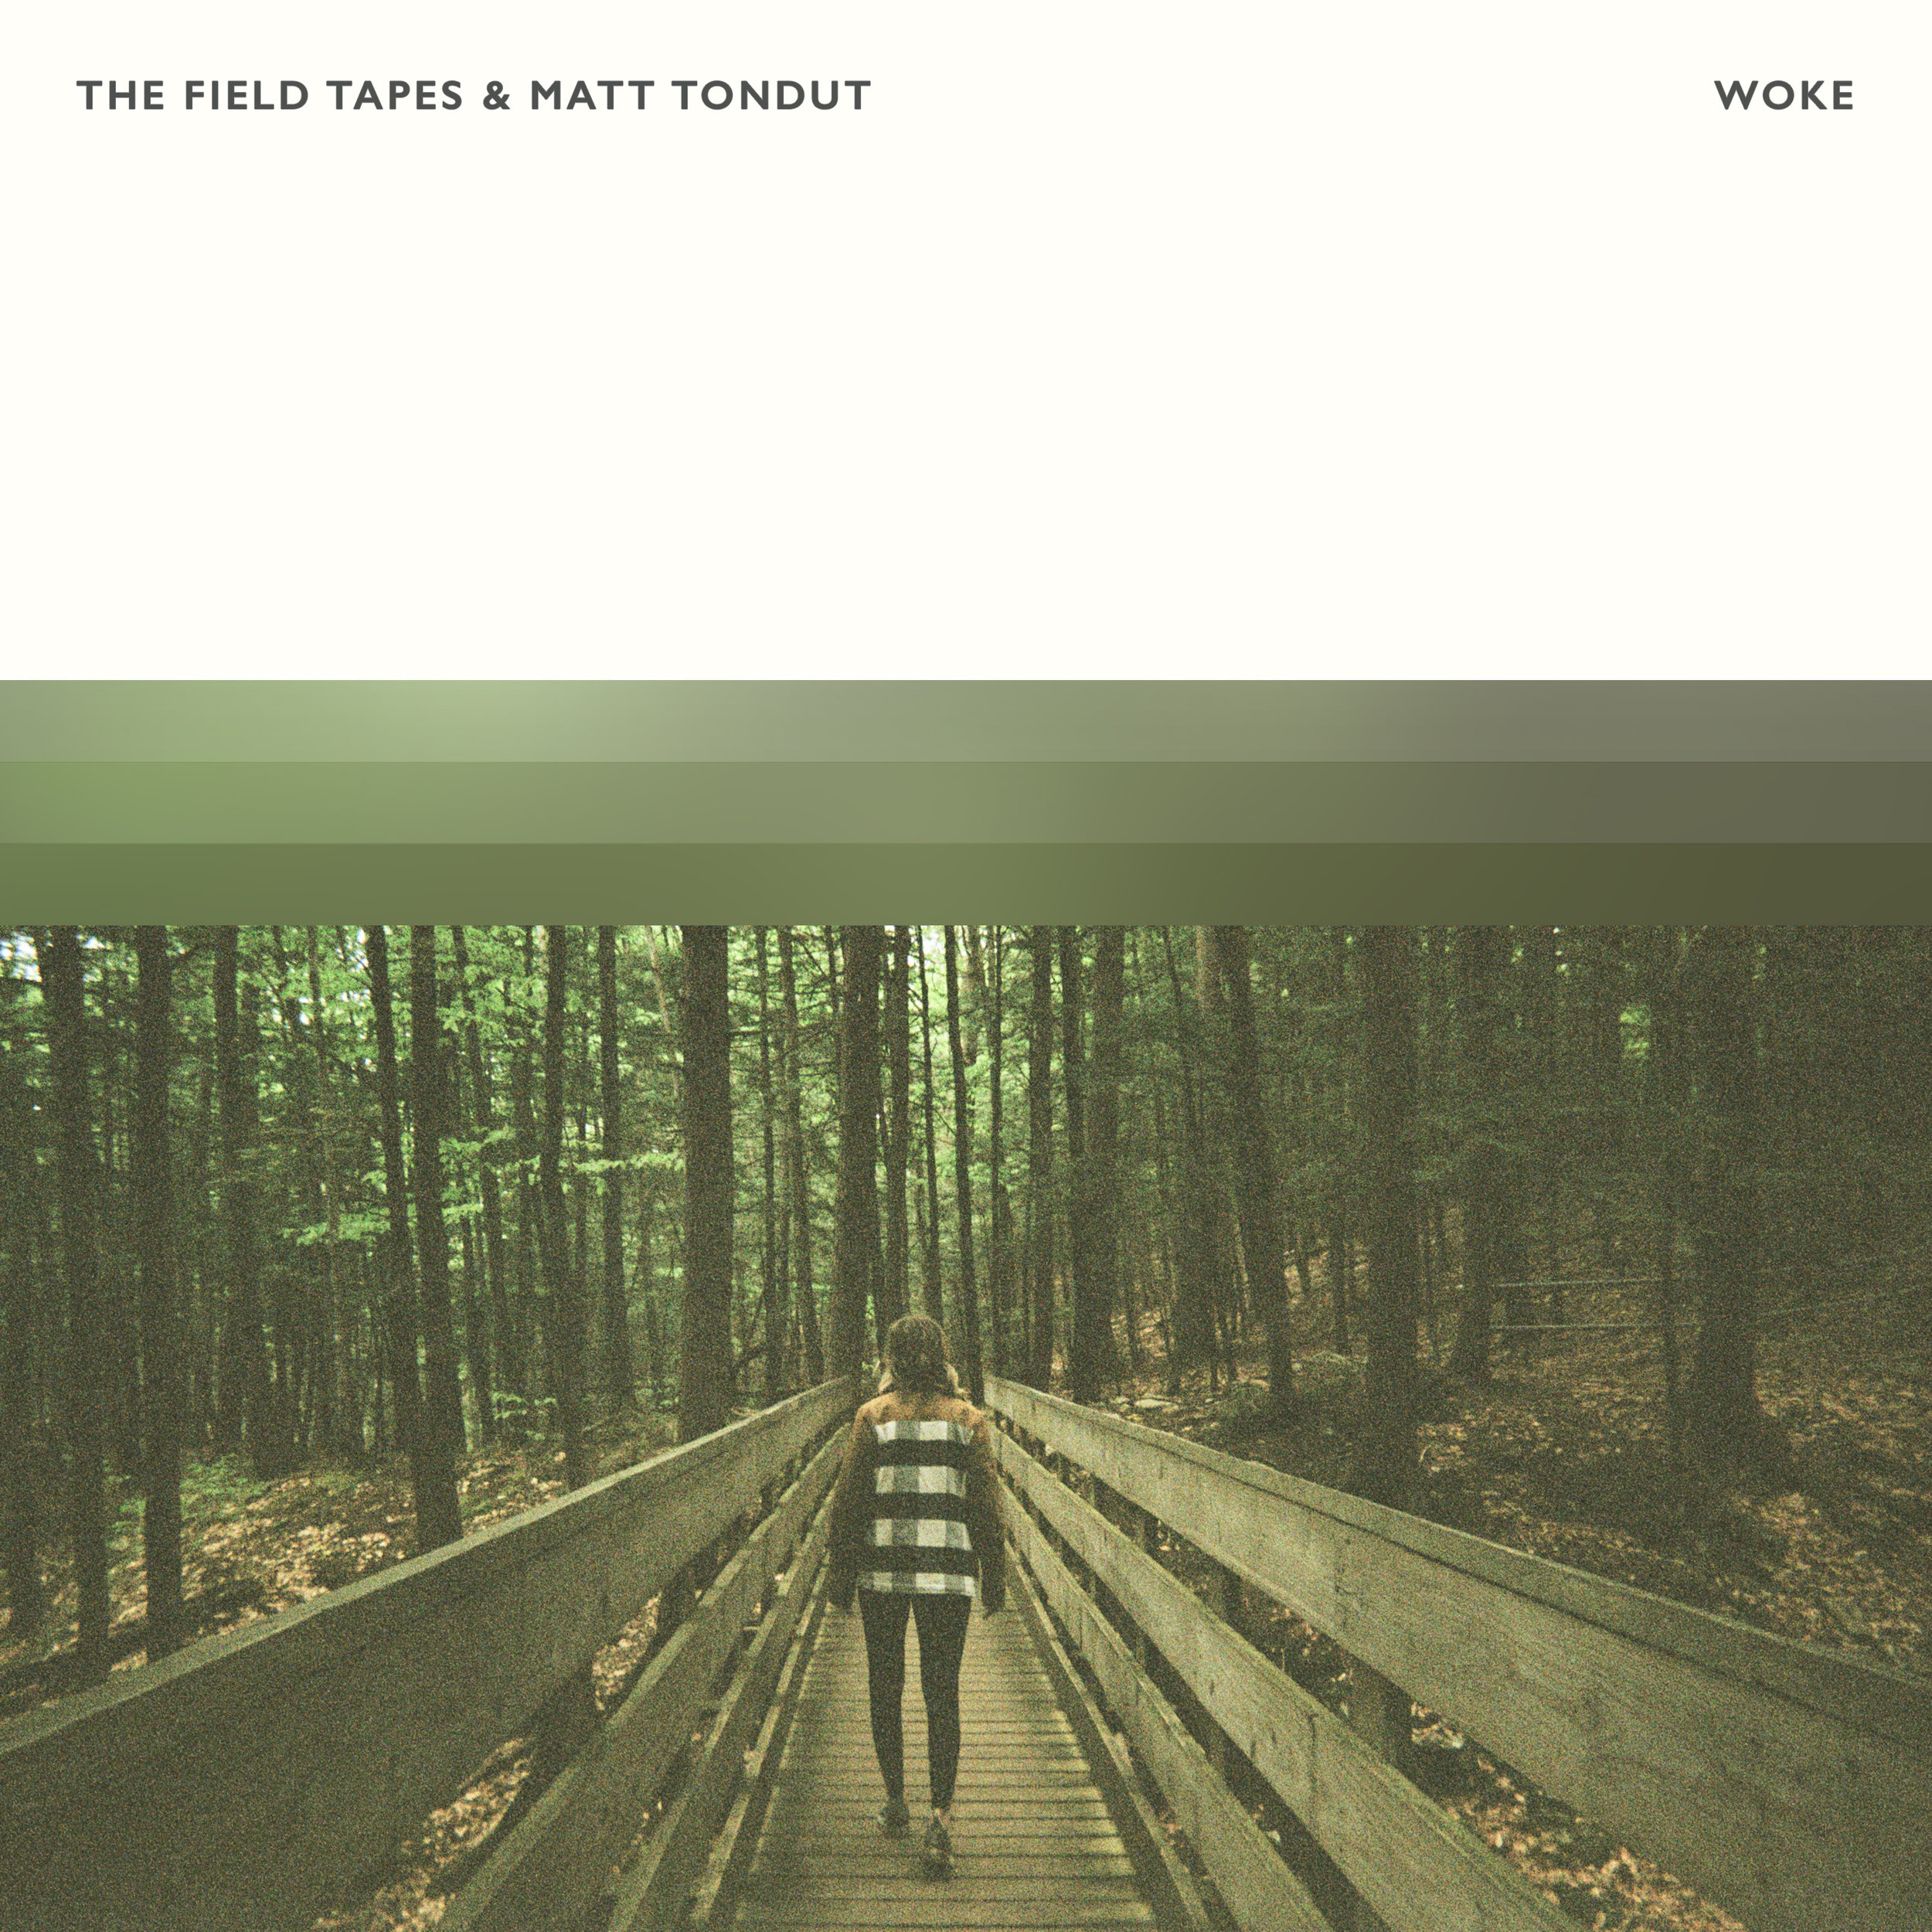 The Field Tapes & Matt Tondut - Woke